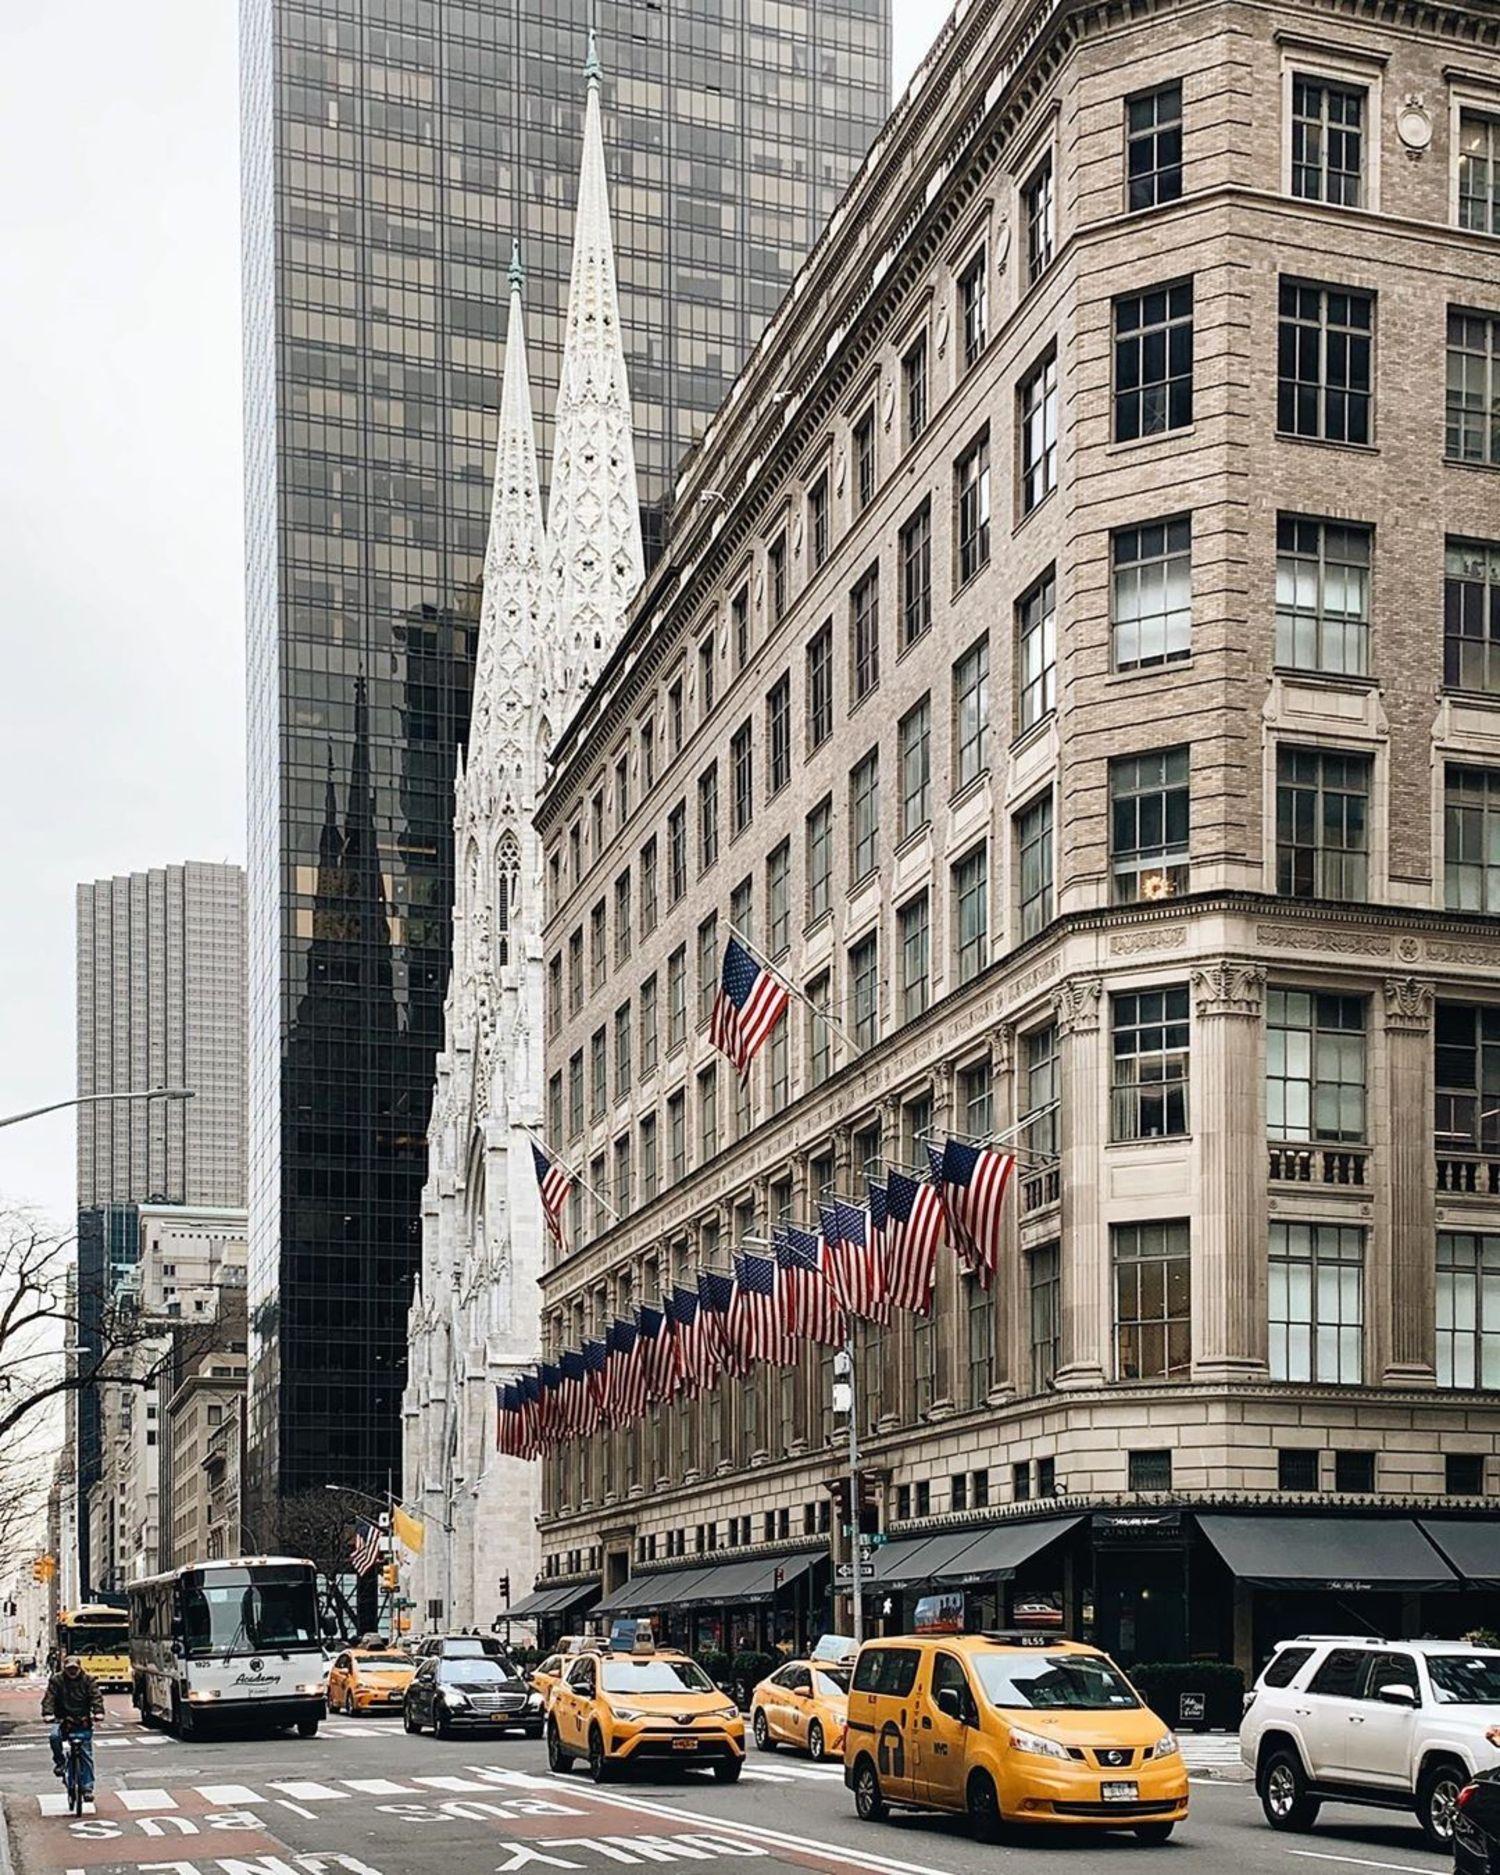 5th Avenue, Midtown, Manhattan